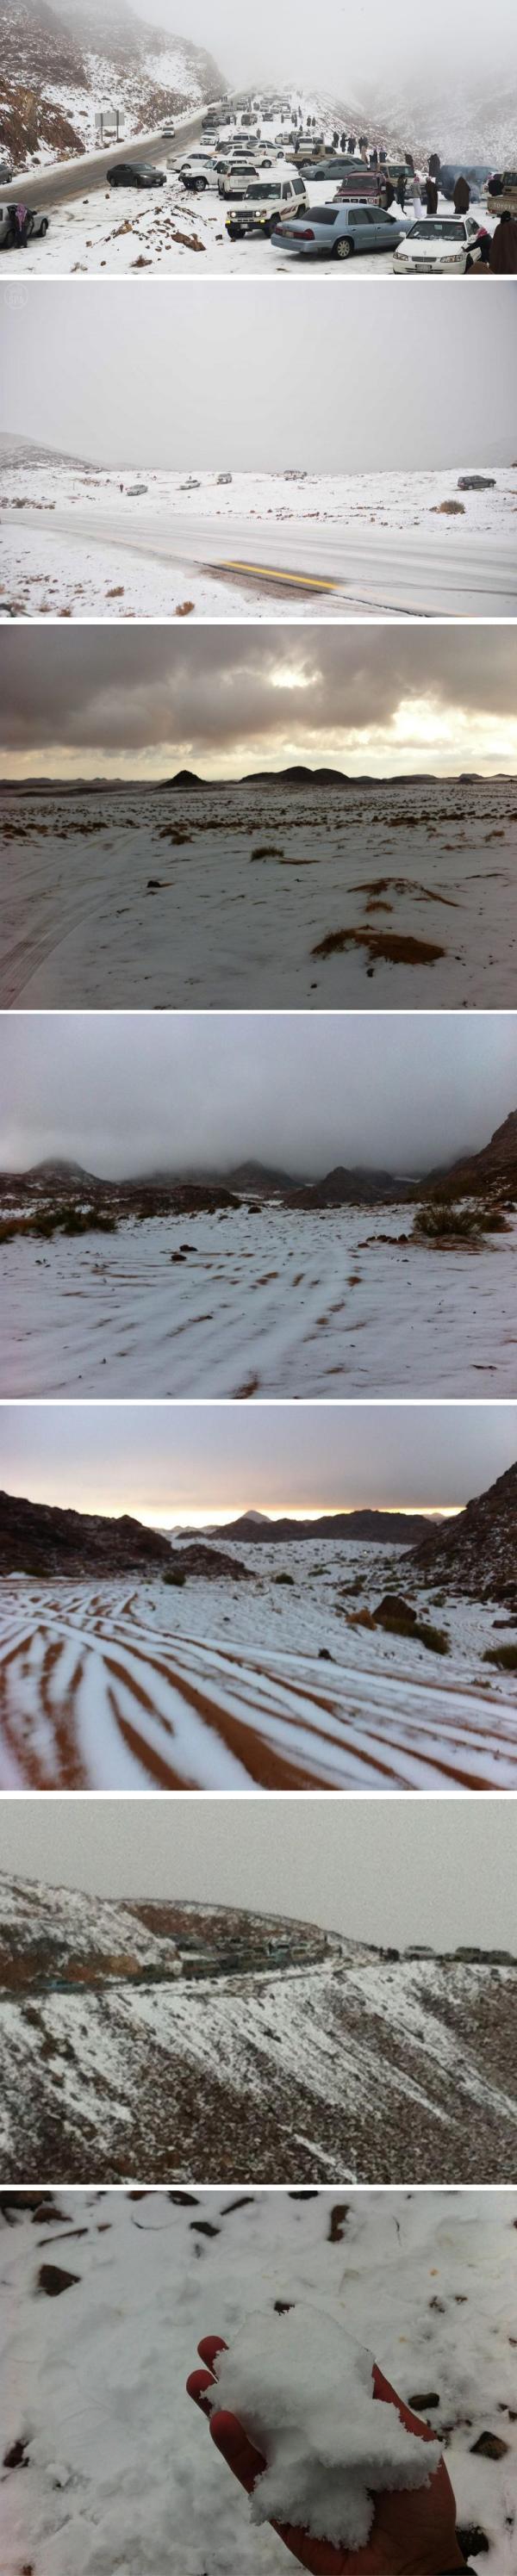 صور الثلوج في تبوك 00df62ed-2bad-47af-a812-be8f39b80477